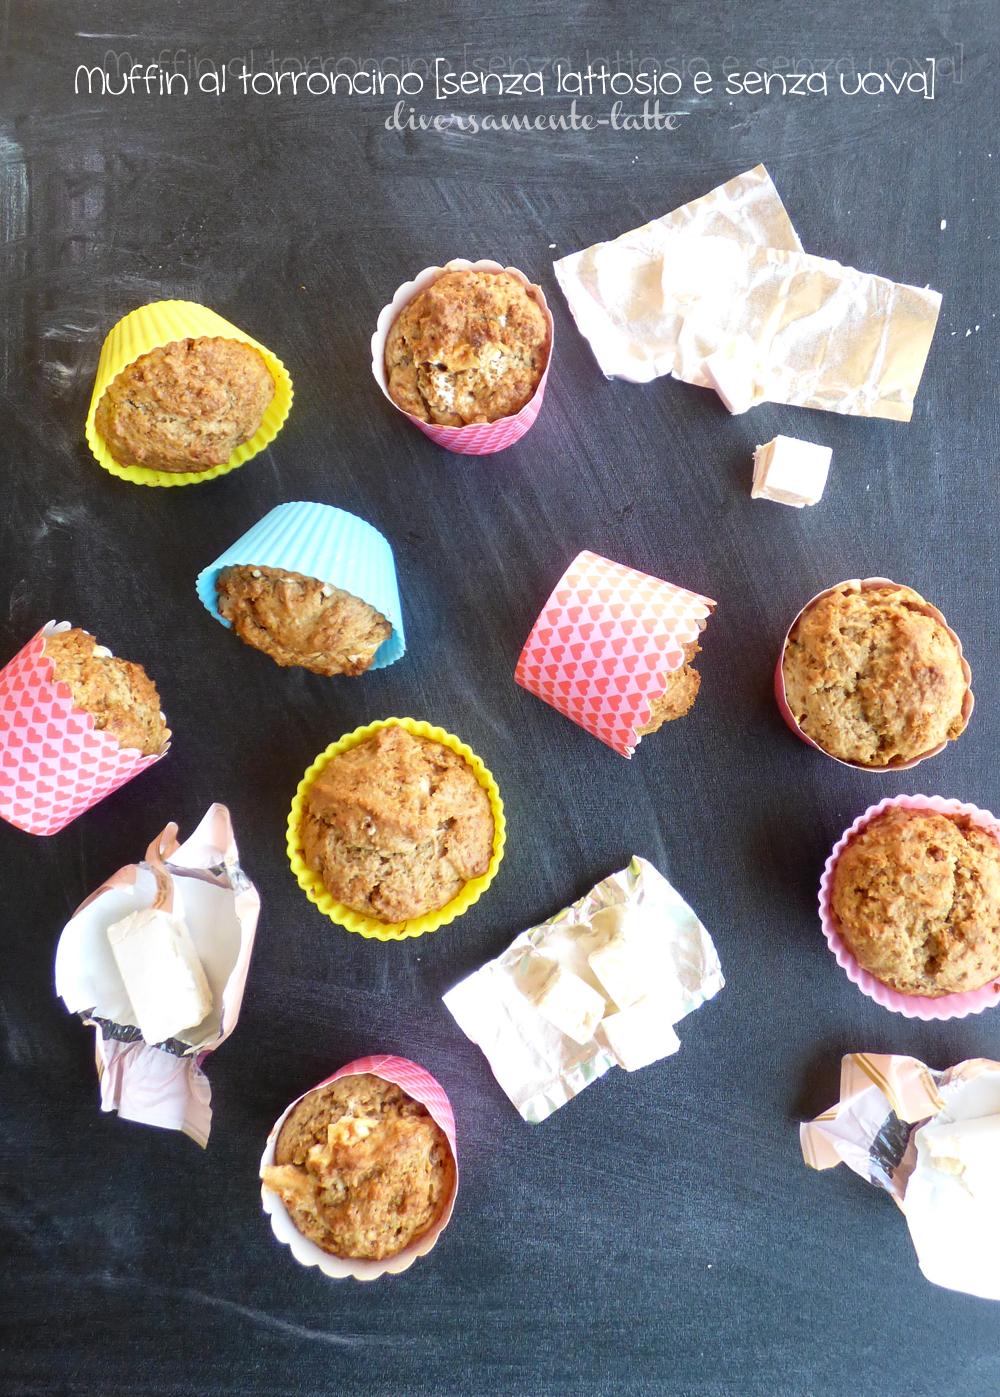 muffin al torroncino senza lattosio